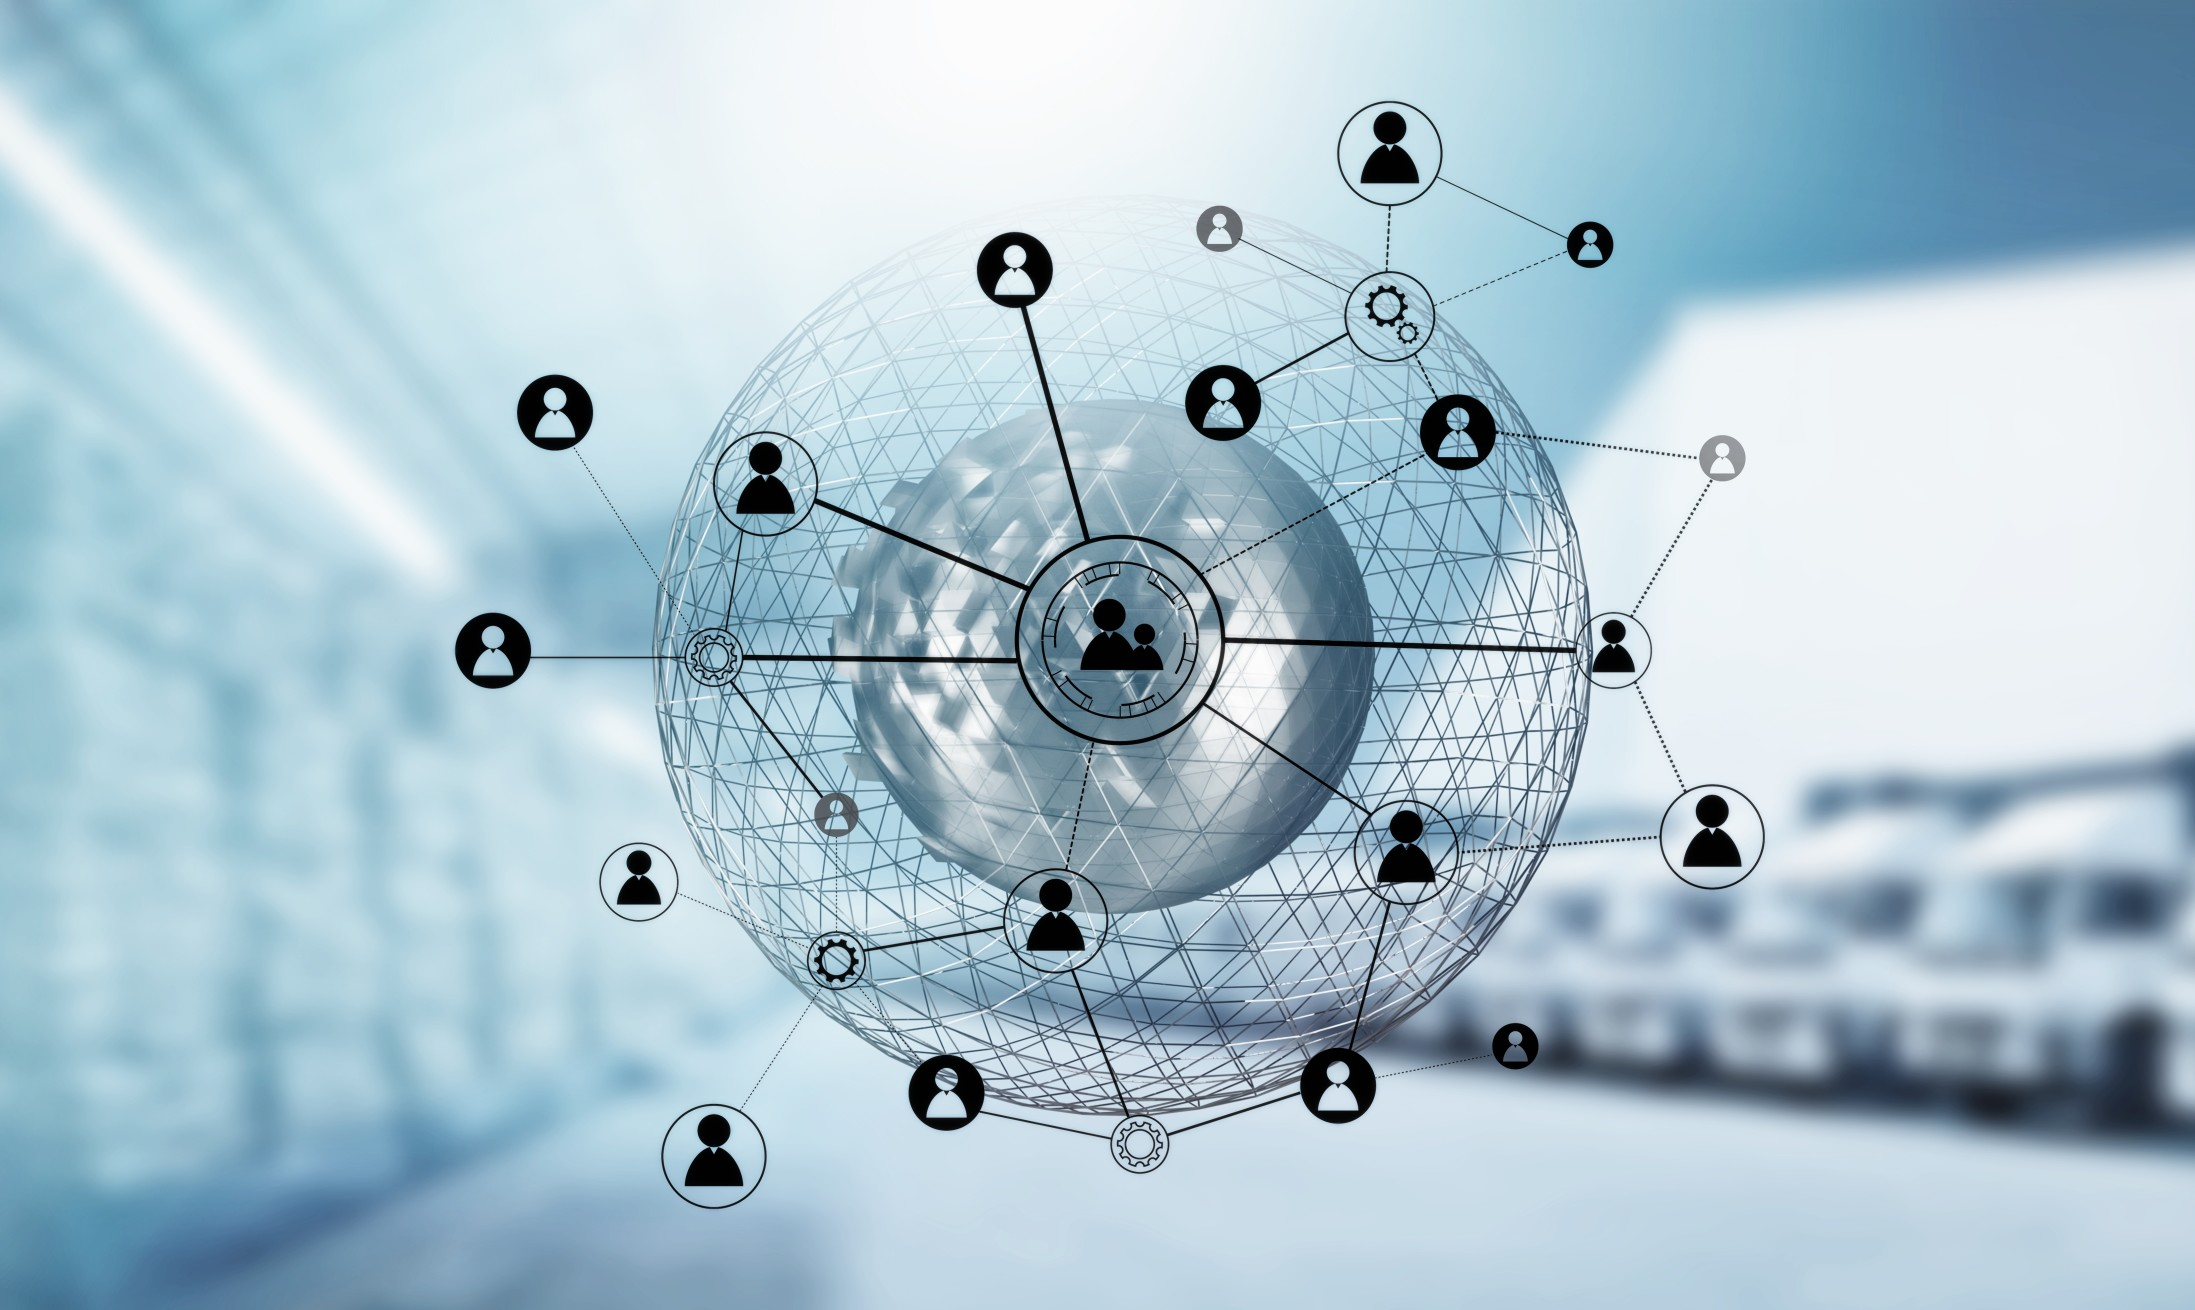 Comment booster sa popularité sur les réseaux sociaux ?